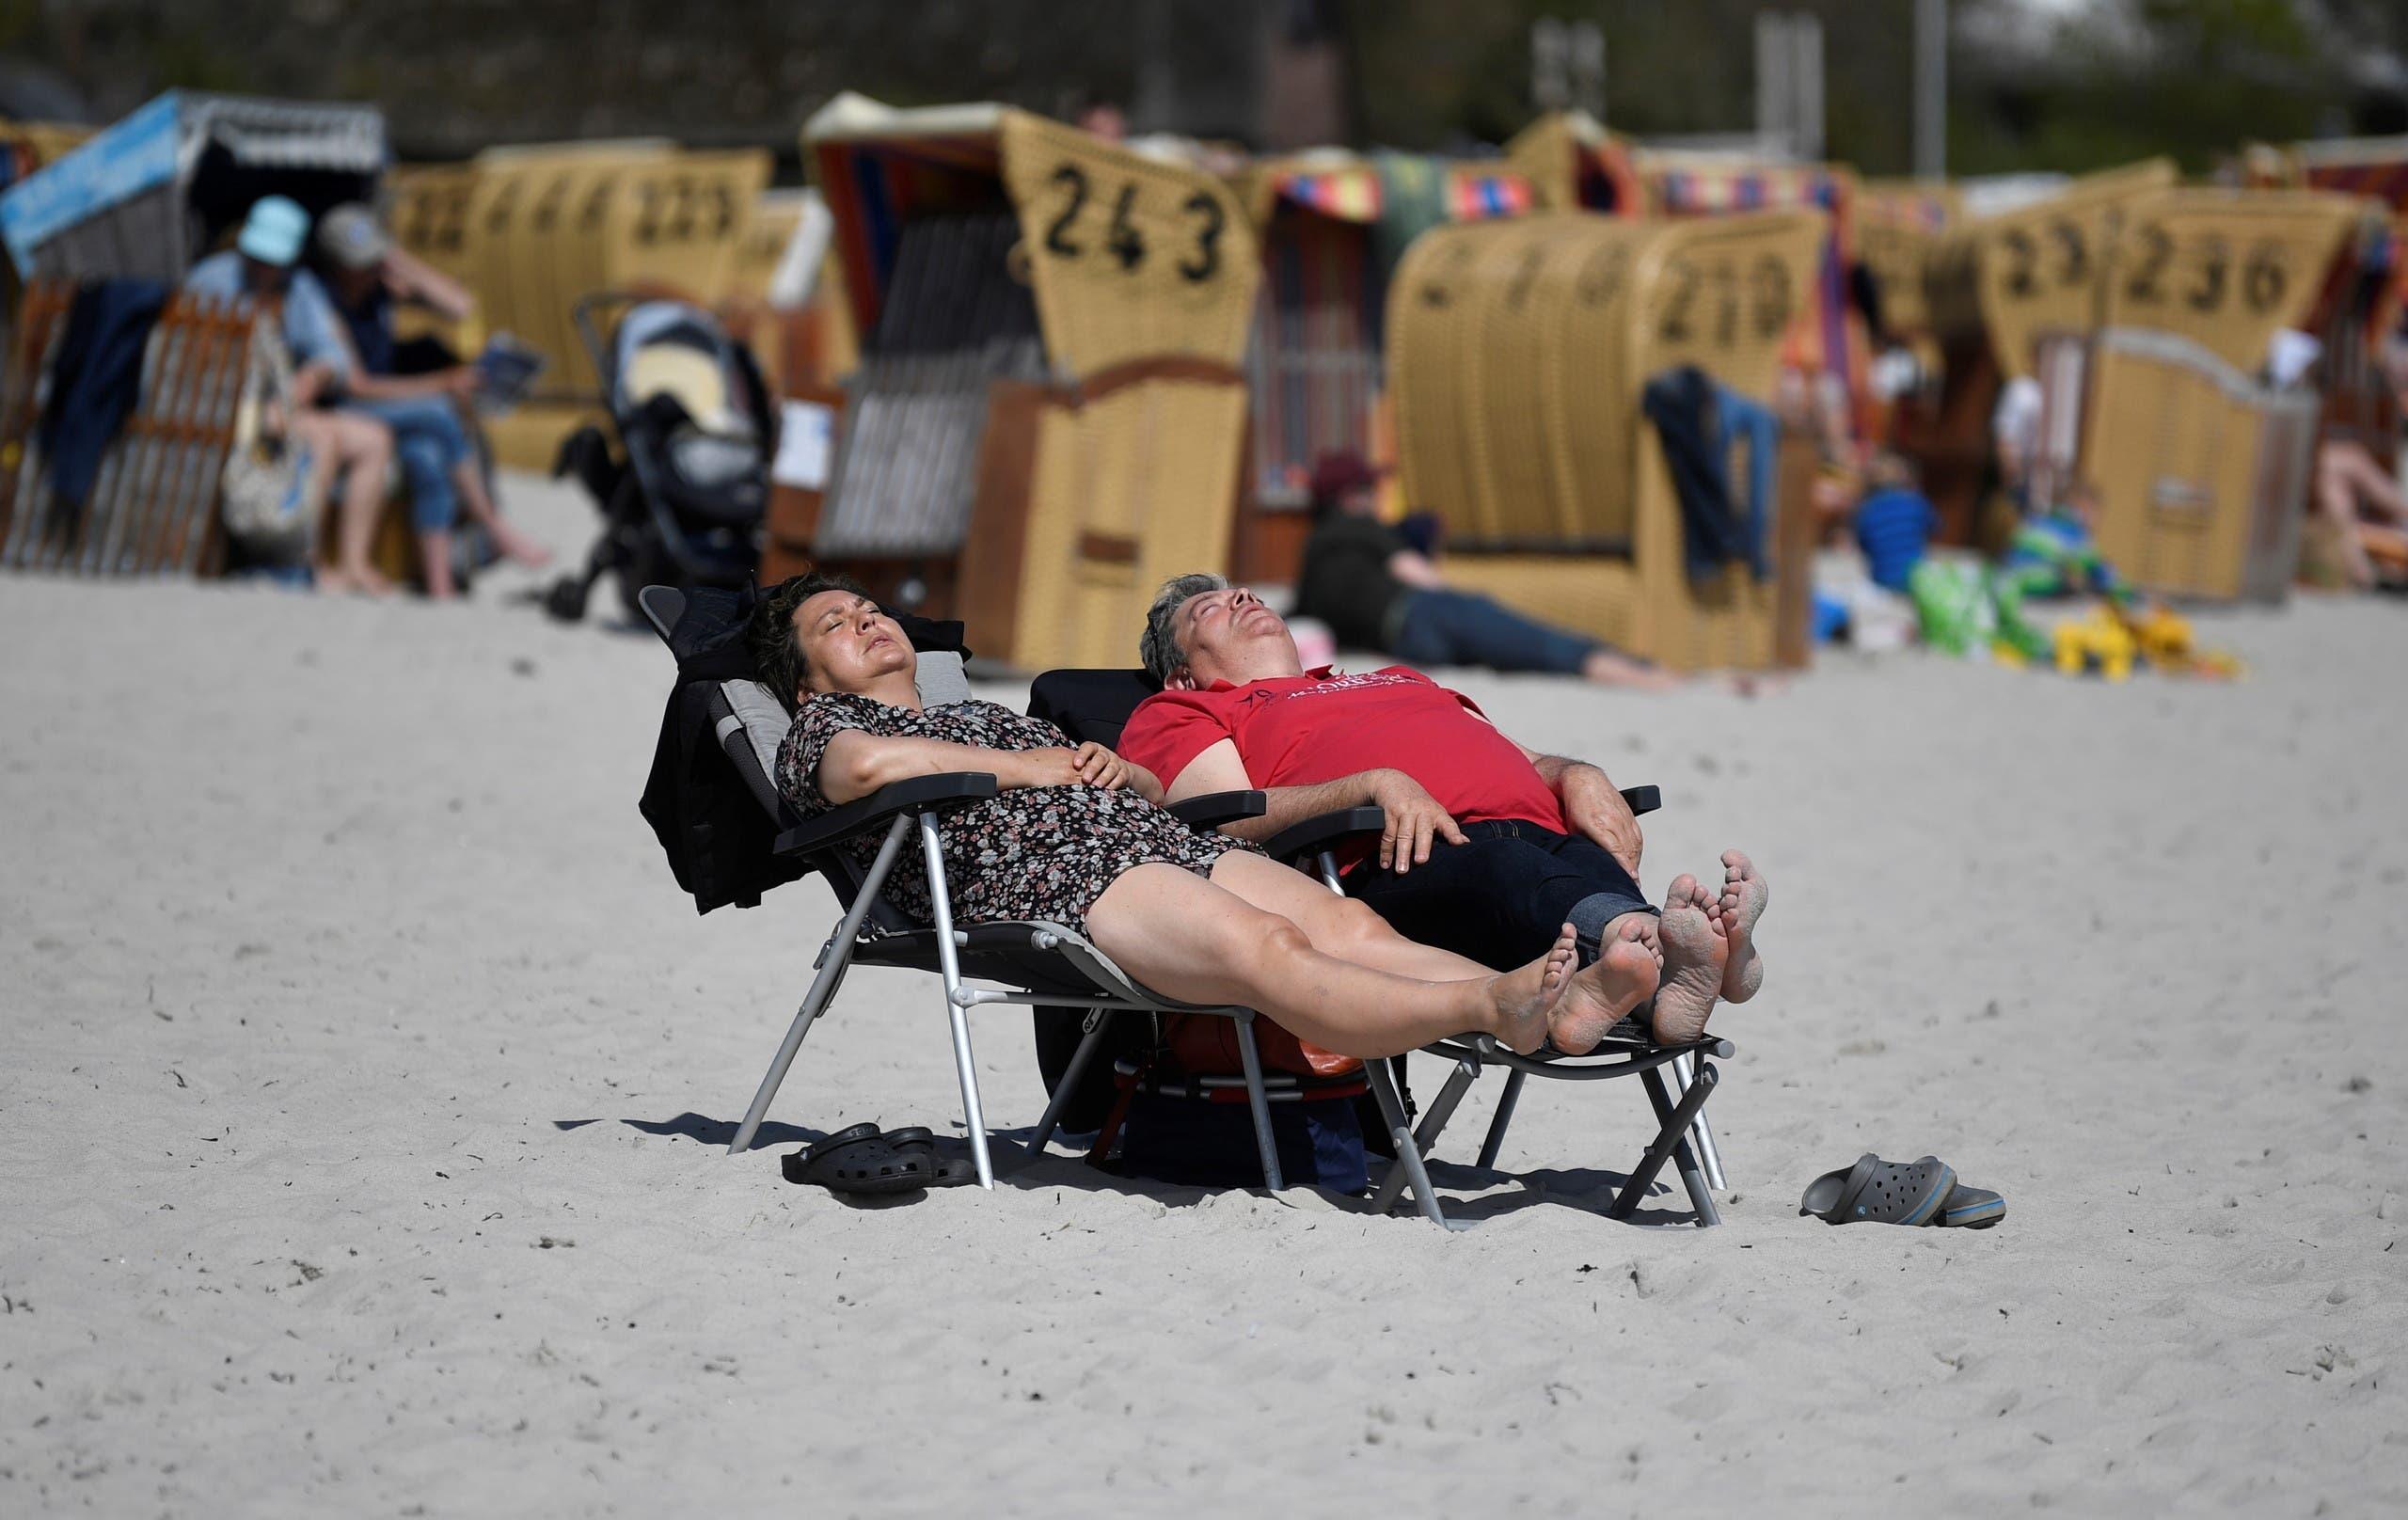 People enjoy sunbathing amid the coronavirus disease (COVID-19) pandemic at the Baltic Sea resort Eckernfoerde, Germany May 9, 2021. (Reuters)